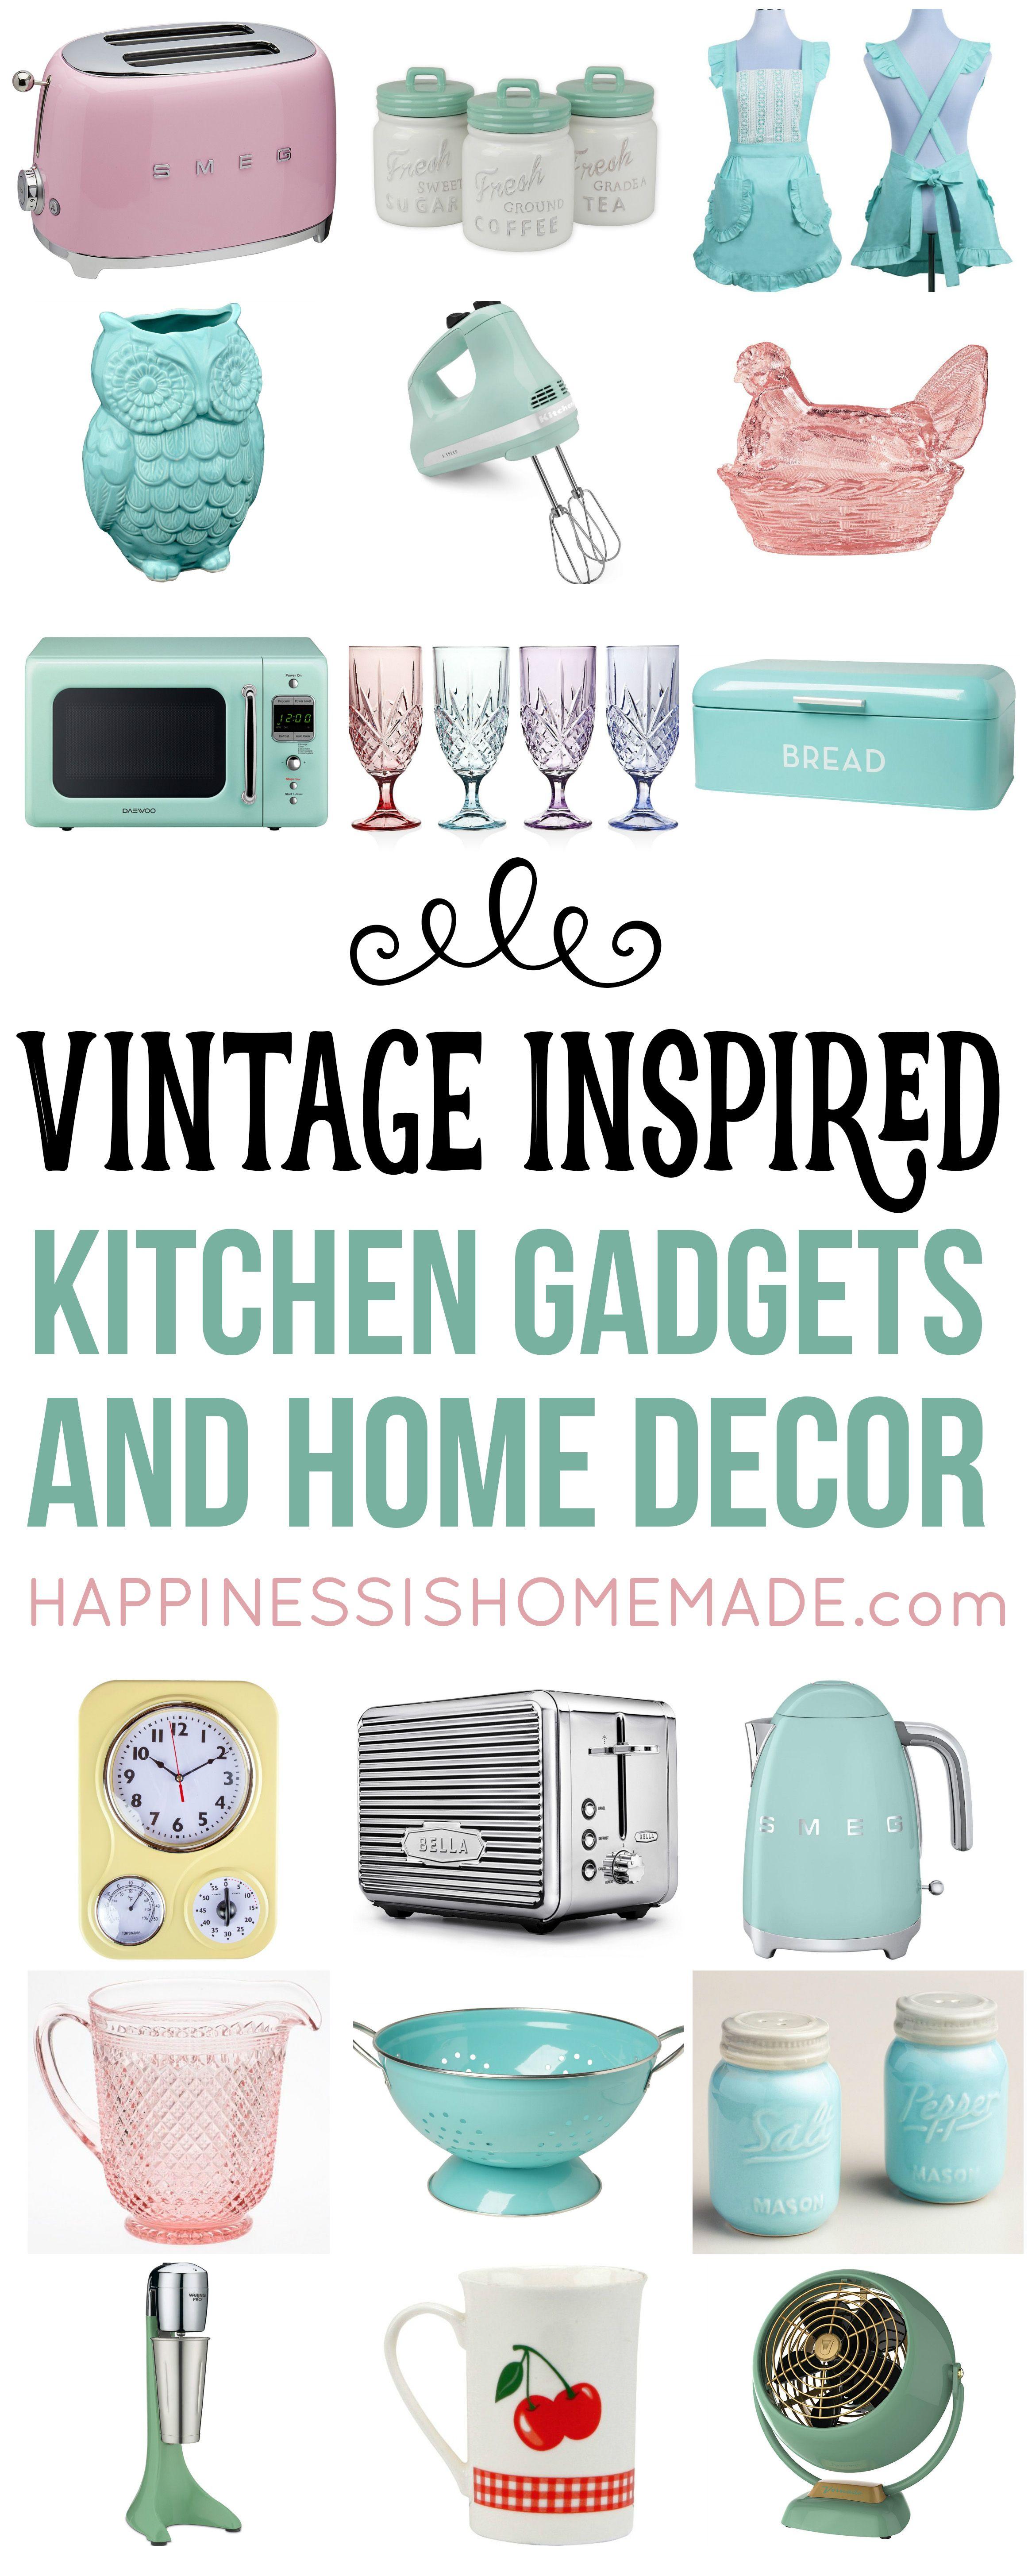 vintage inspired kitchen decor gadgets vintage inspired vintage inspired kitchen decor gadgets